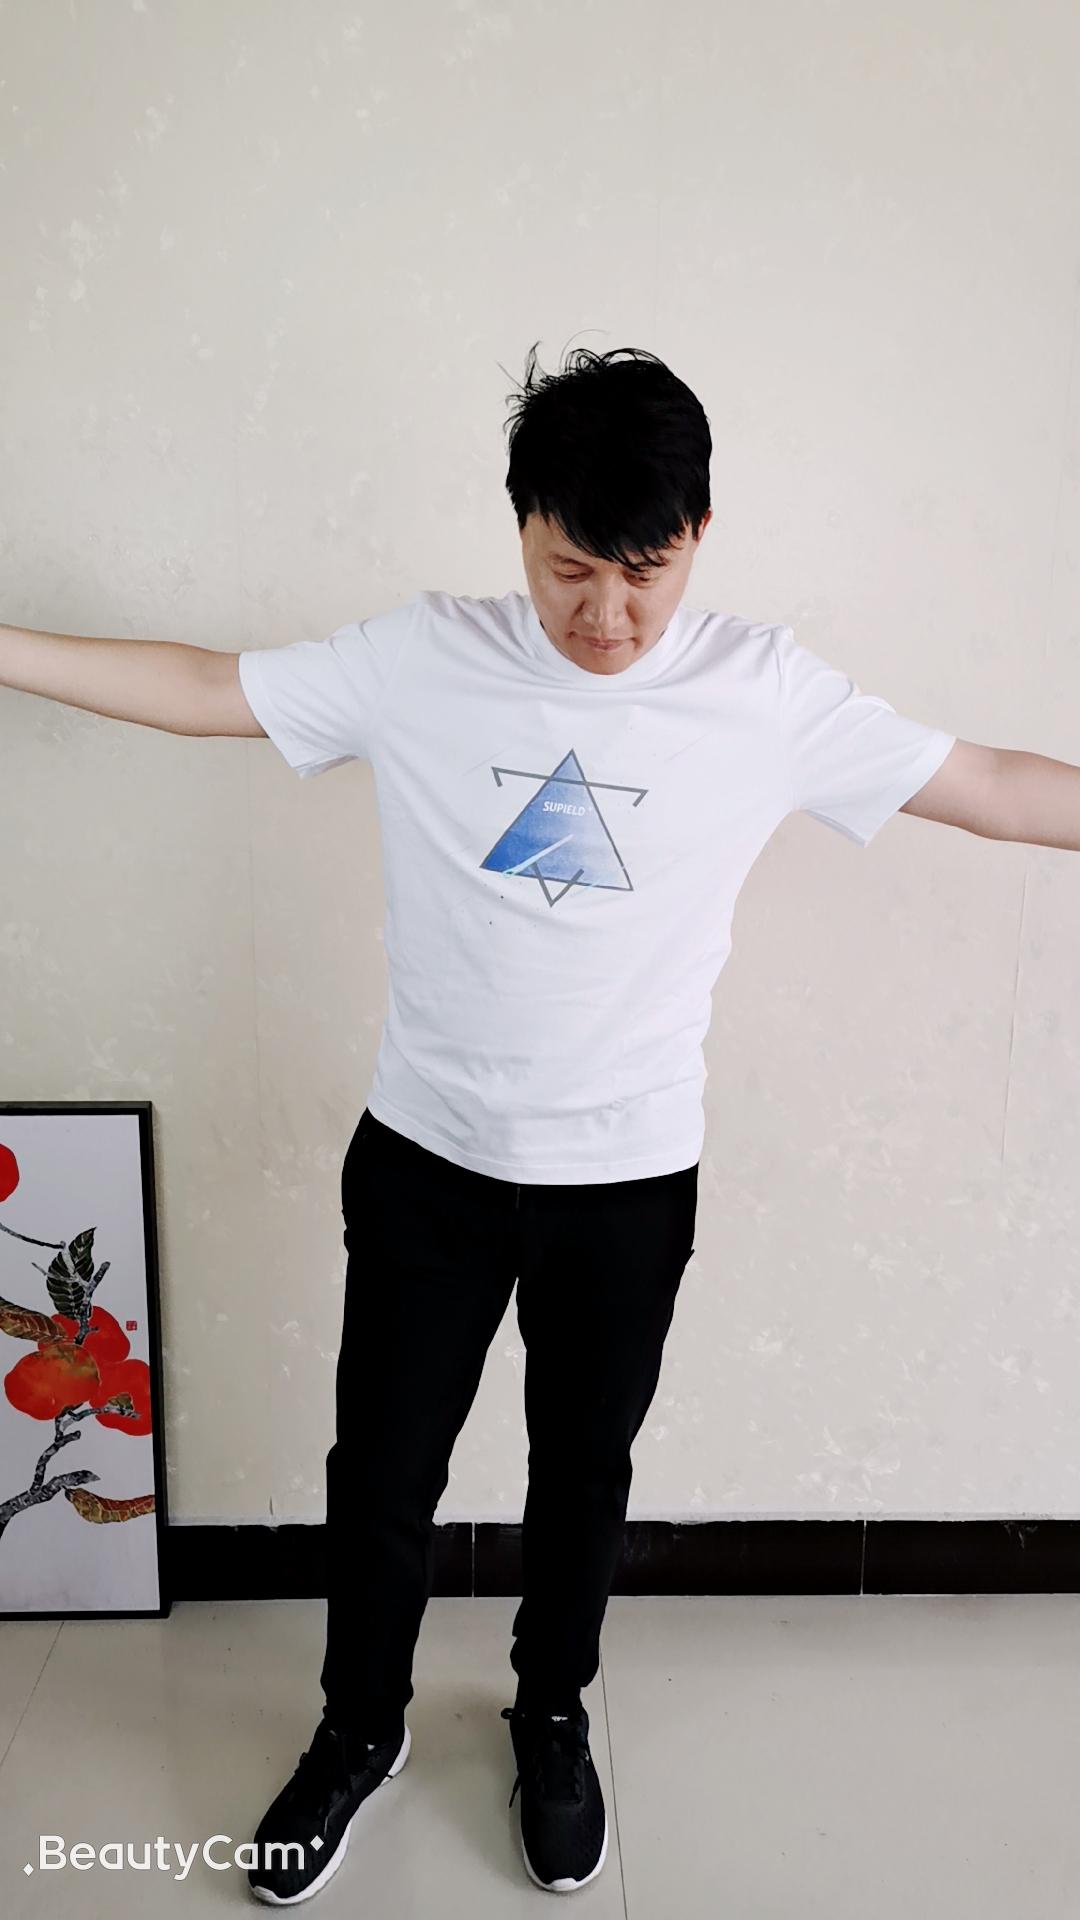 秋季长袖T恤的穿着,做有亮点的百变型男